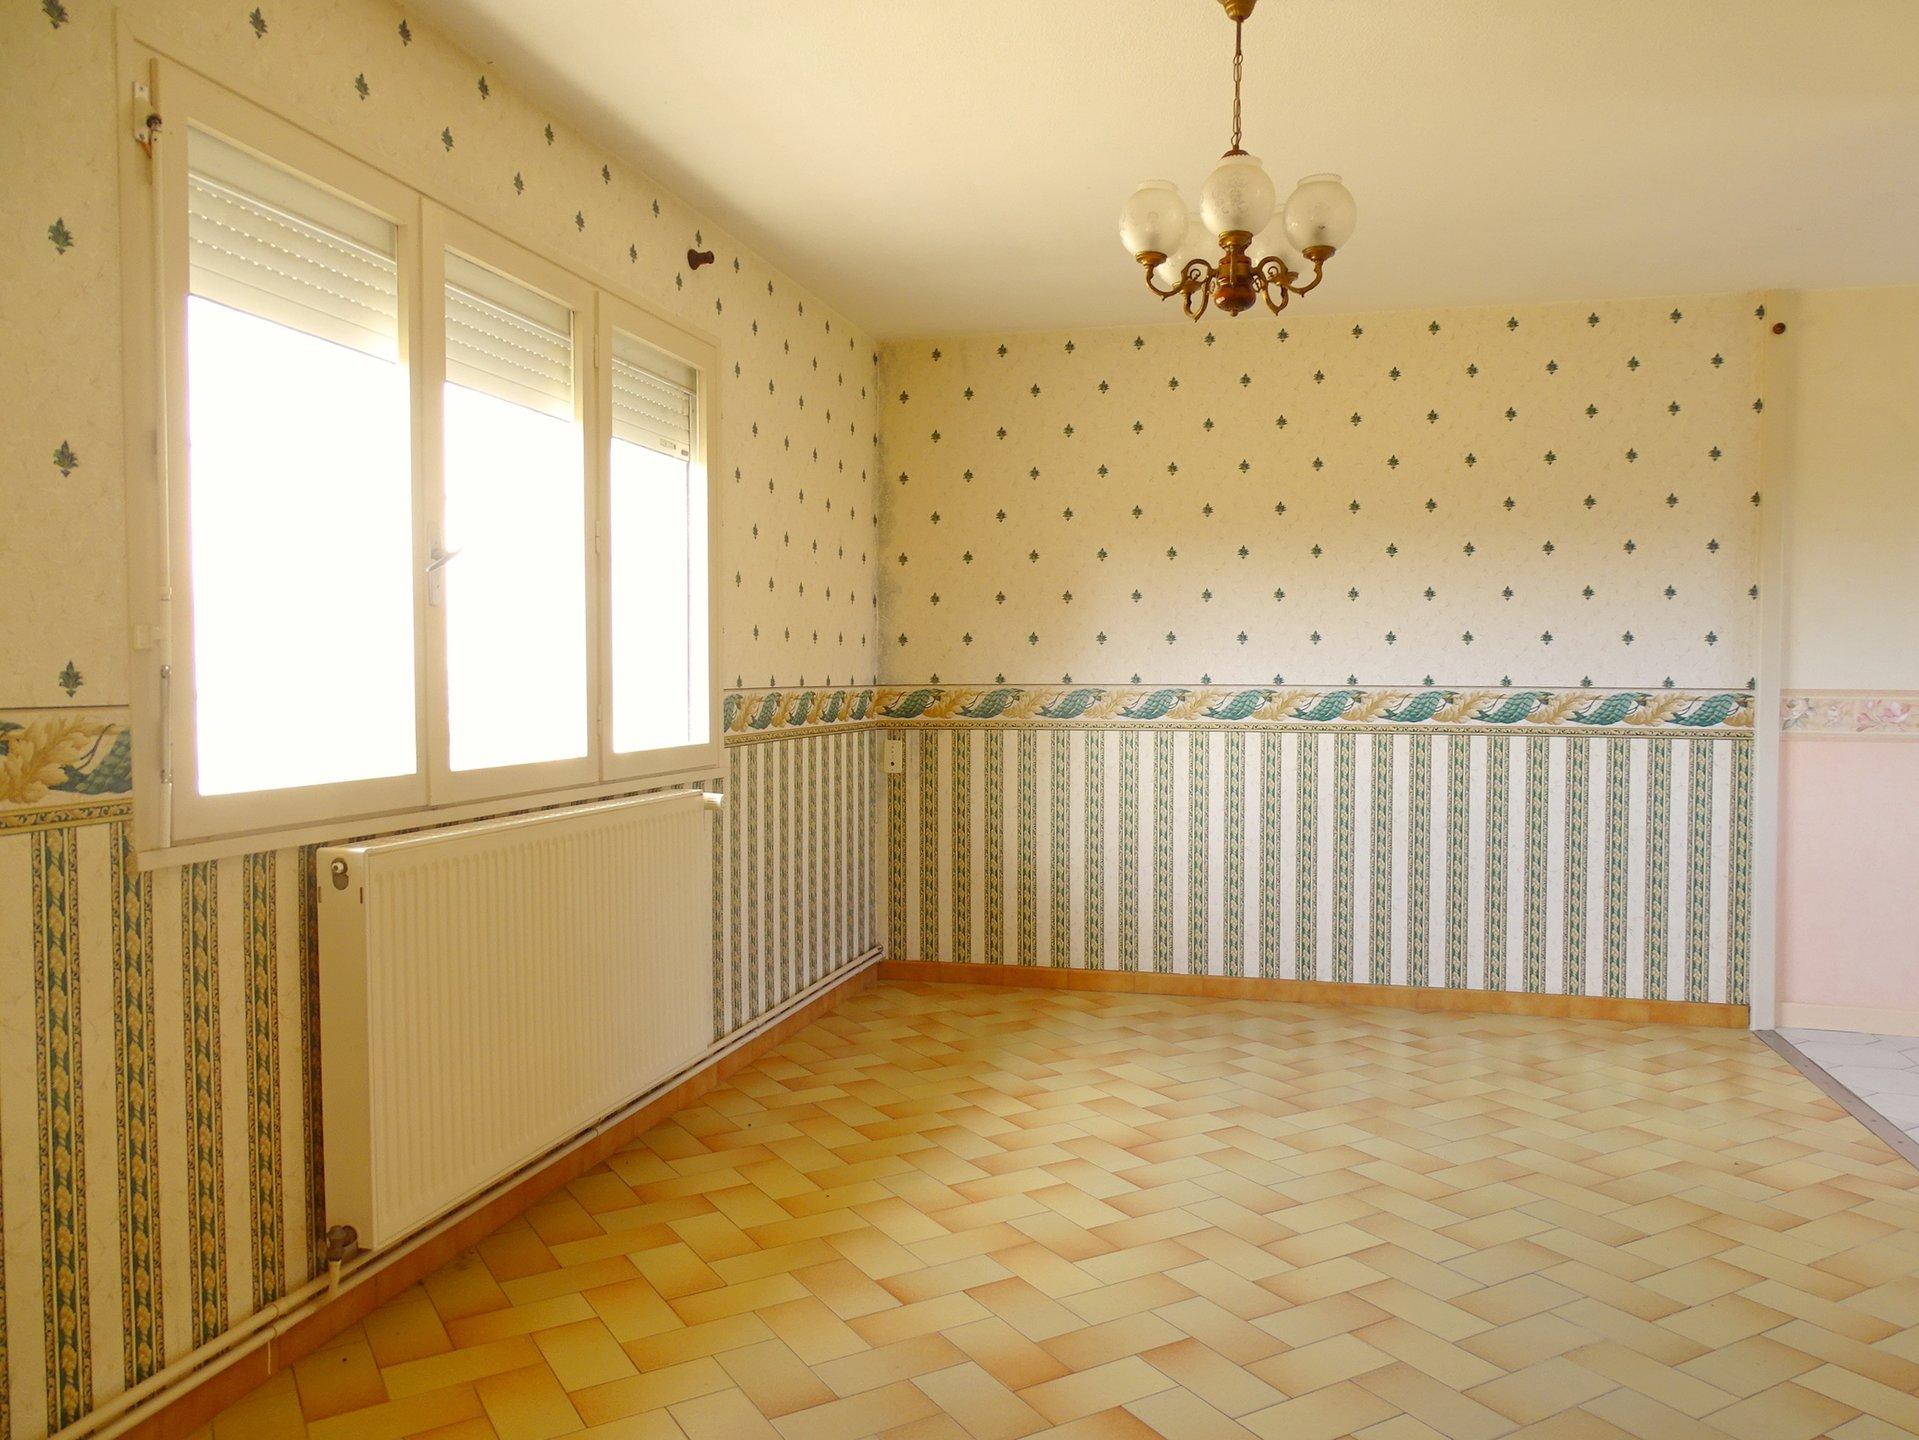 A 10 mn de Mâcon et à pied du centre de Feillens, maison avec dépendances disposant d'un très beau potentiel !  Elle se compose en rez de chaussée, d'une entrée desservant une grande cuisine, un double salon, un wc indépendant et une salle de bains.  A l'étage, elle dispose de 2 grandes chambres et la possibilité d'aménager le reste des combles de 35 m².  Un garage, un atelier ainsi qu'une pièce indépendante complètent ce bien.  La maison donne sur un joli terrain plat de 722 m² à arborer.  Maison à rénover disposant d'un potentiel certain avec de nombreuses possibilités d'aménagement ! Très bon environnement, à visiter sans tarder !  Honoraires à charge vendeurs.